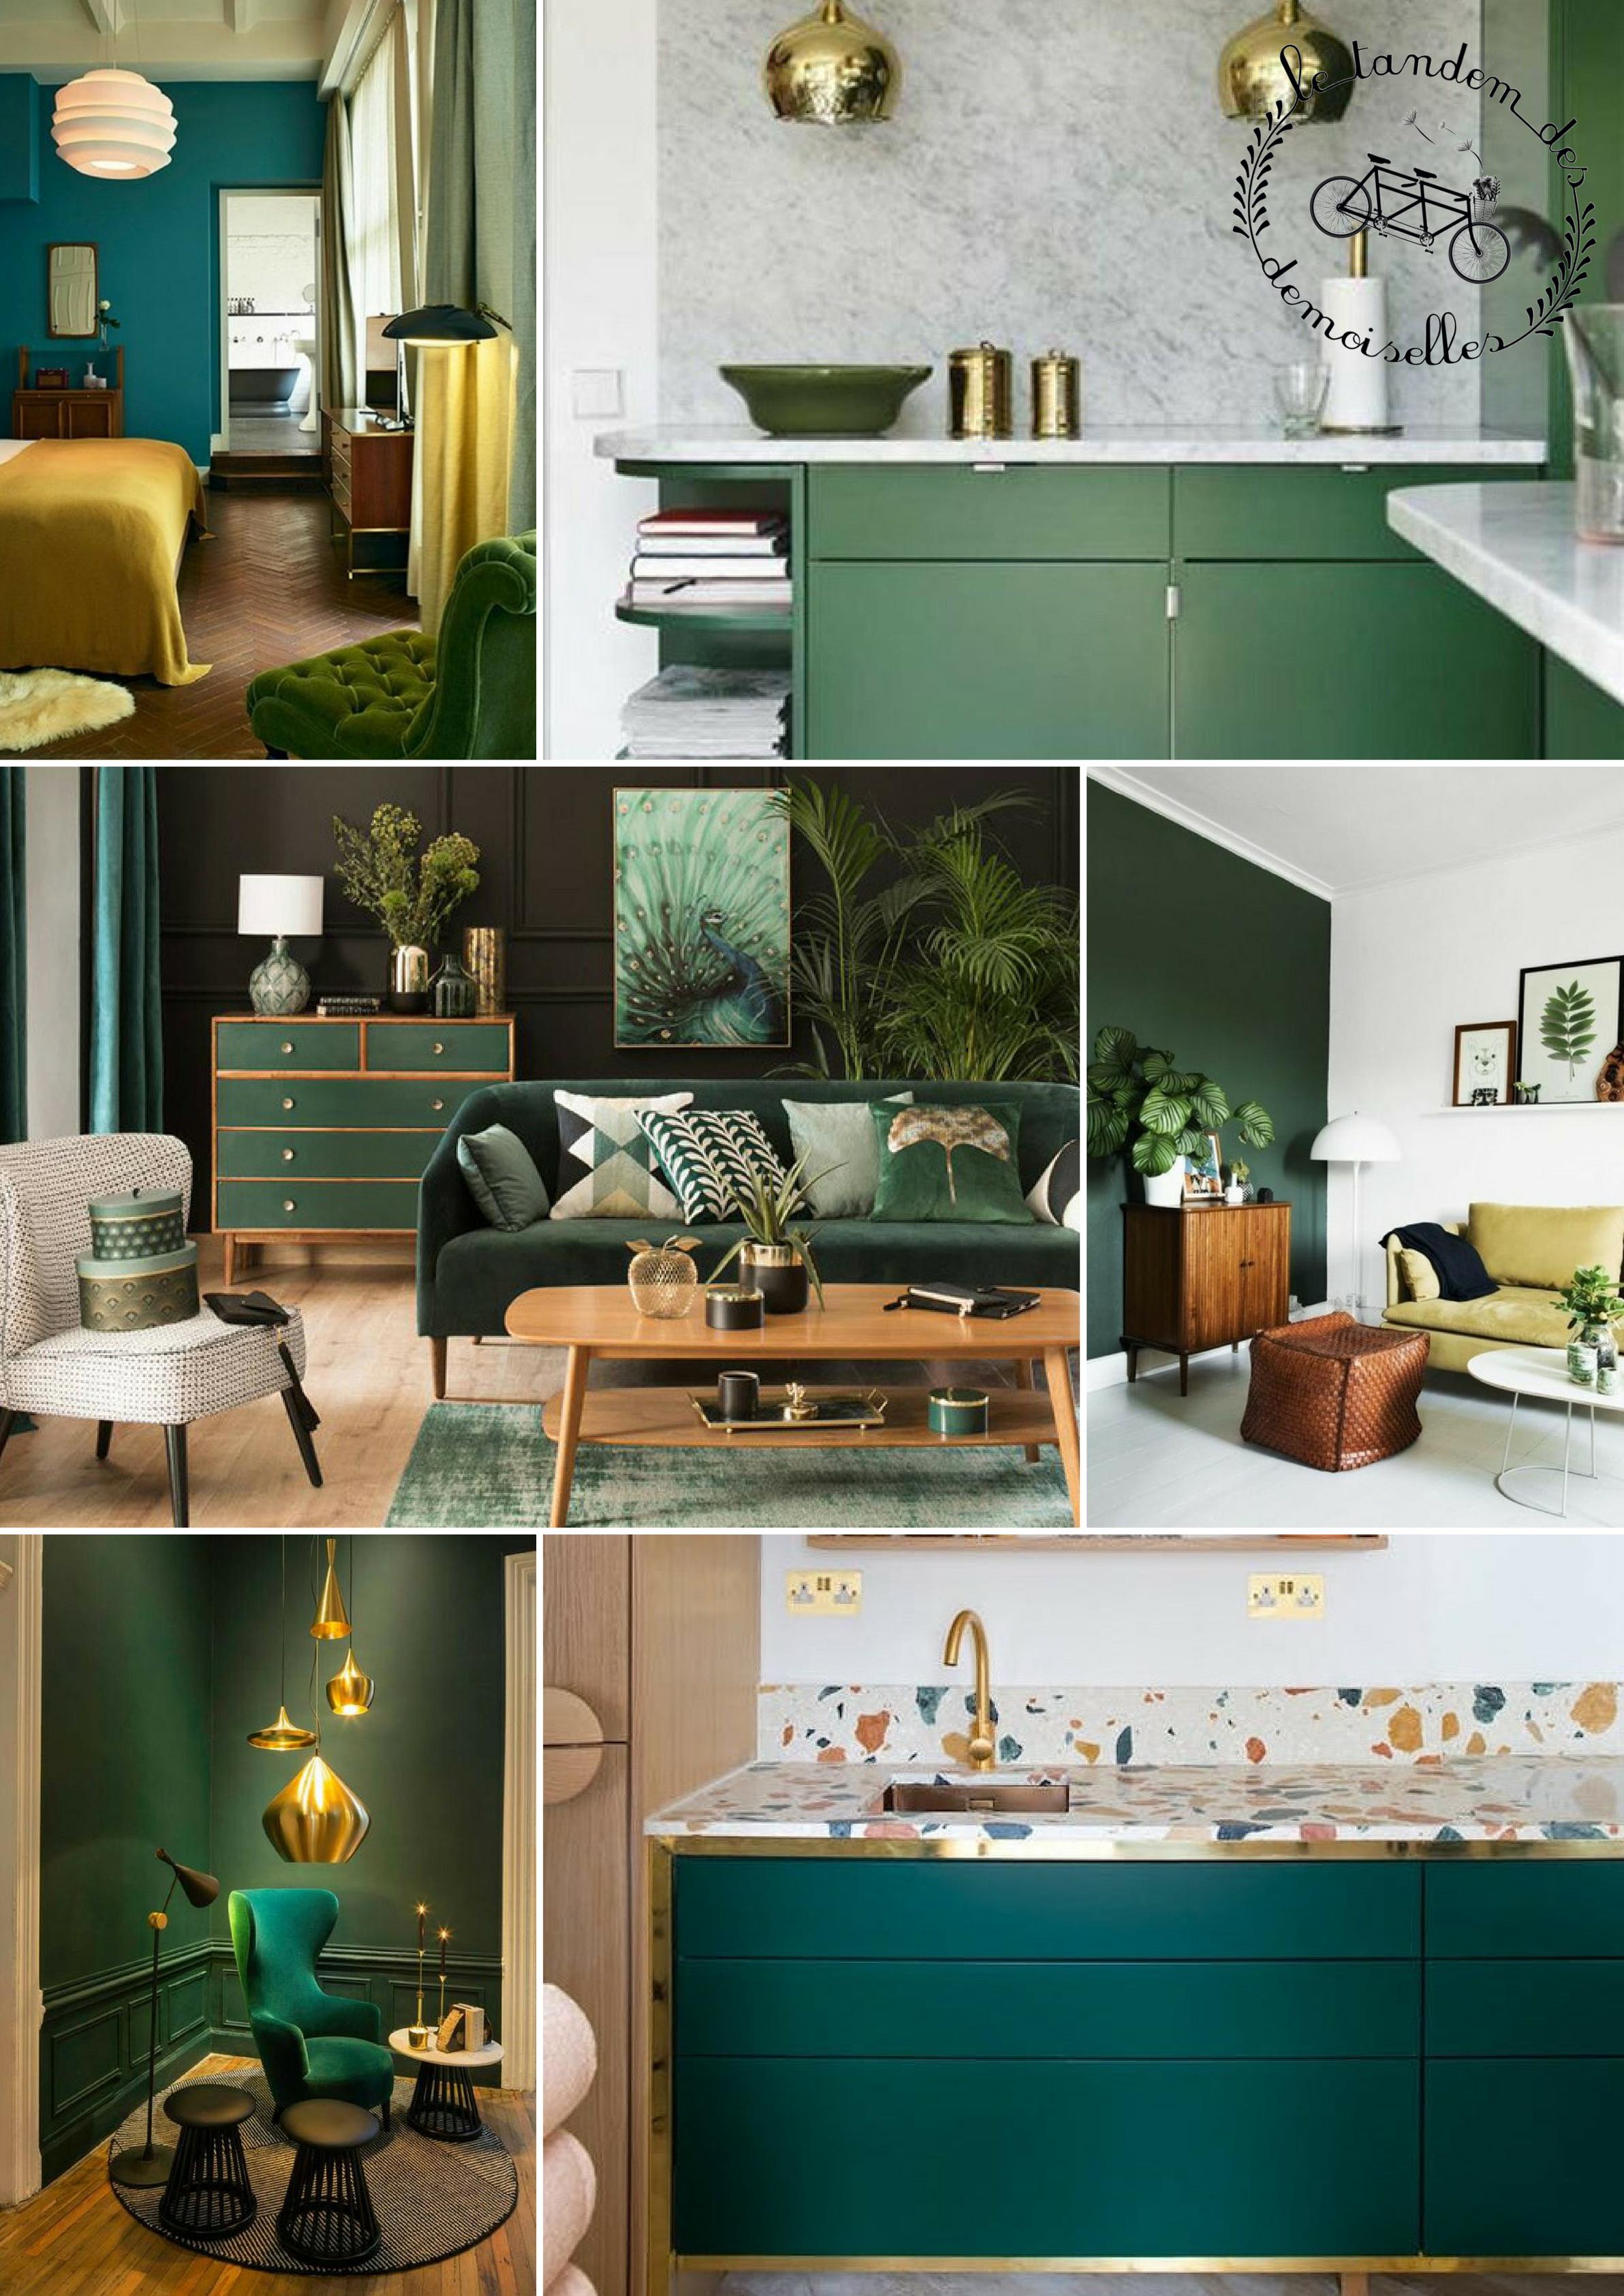 décoration vert et doré - moodboard tendance 2018 - vert et doré